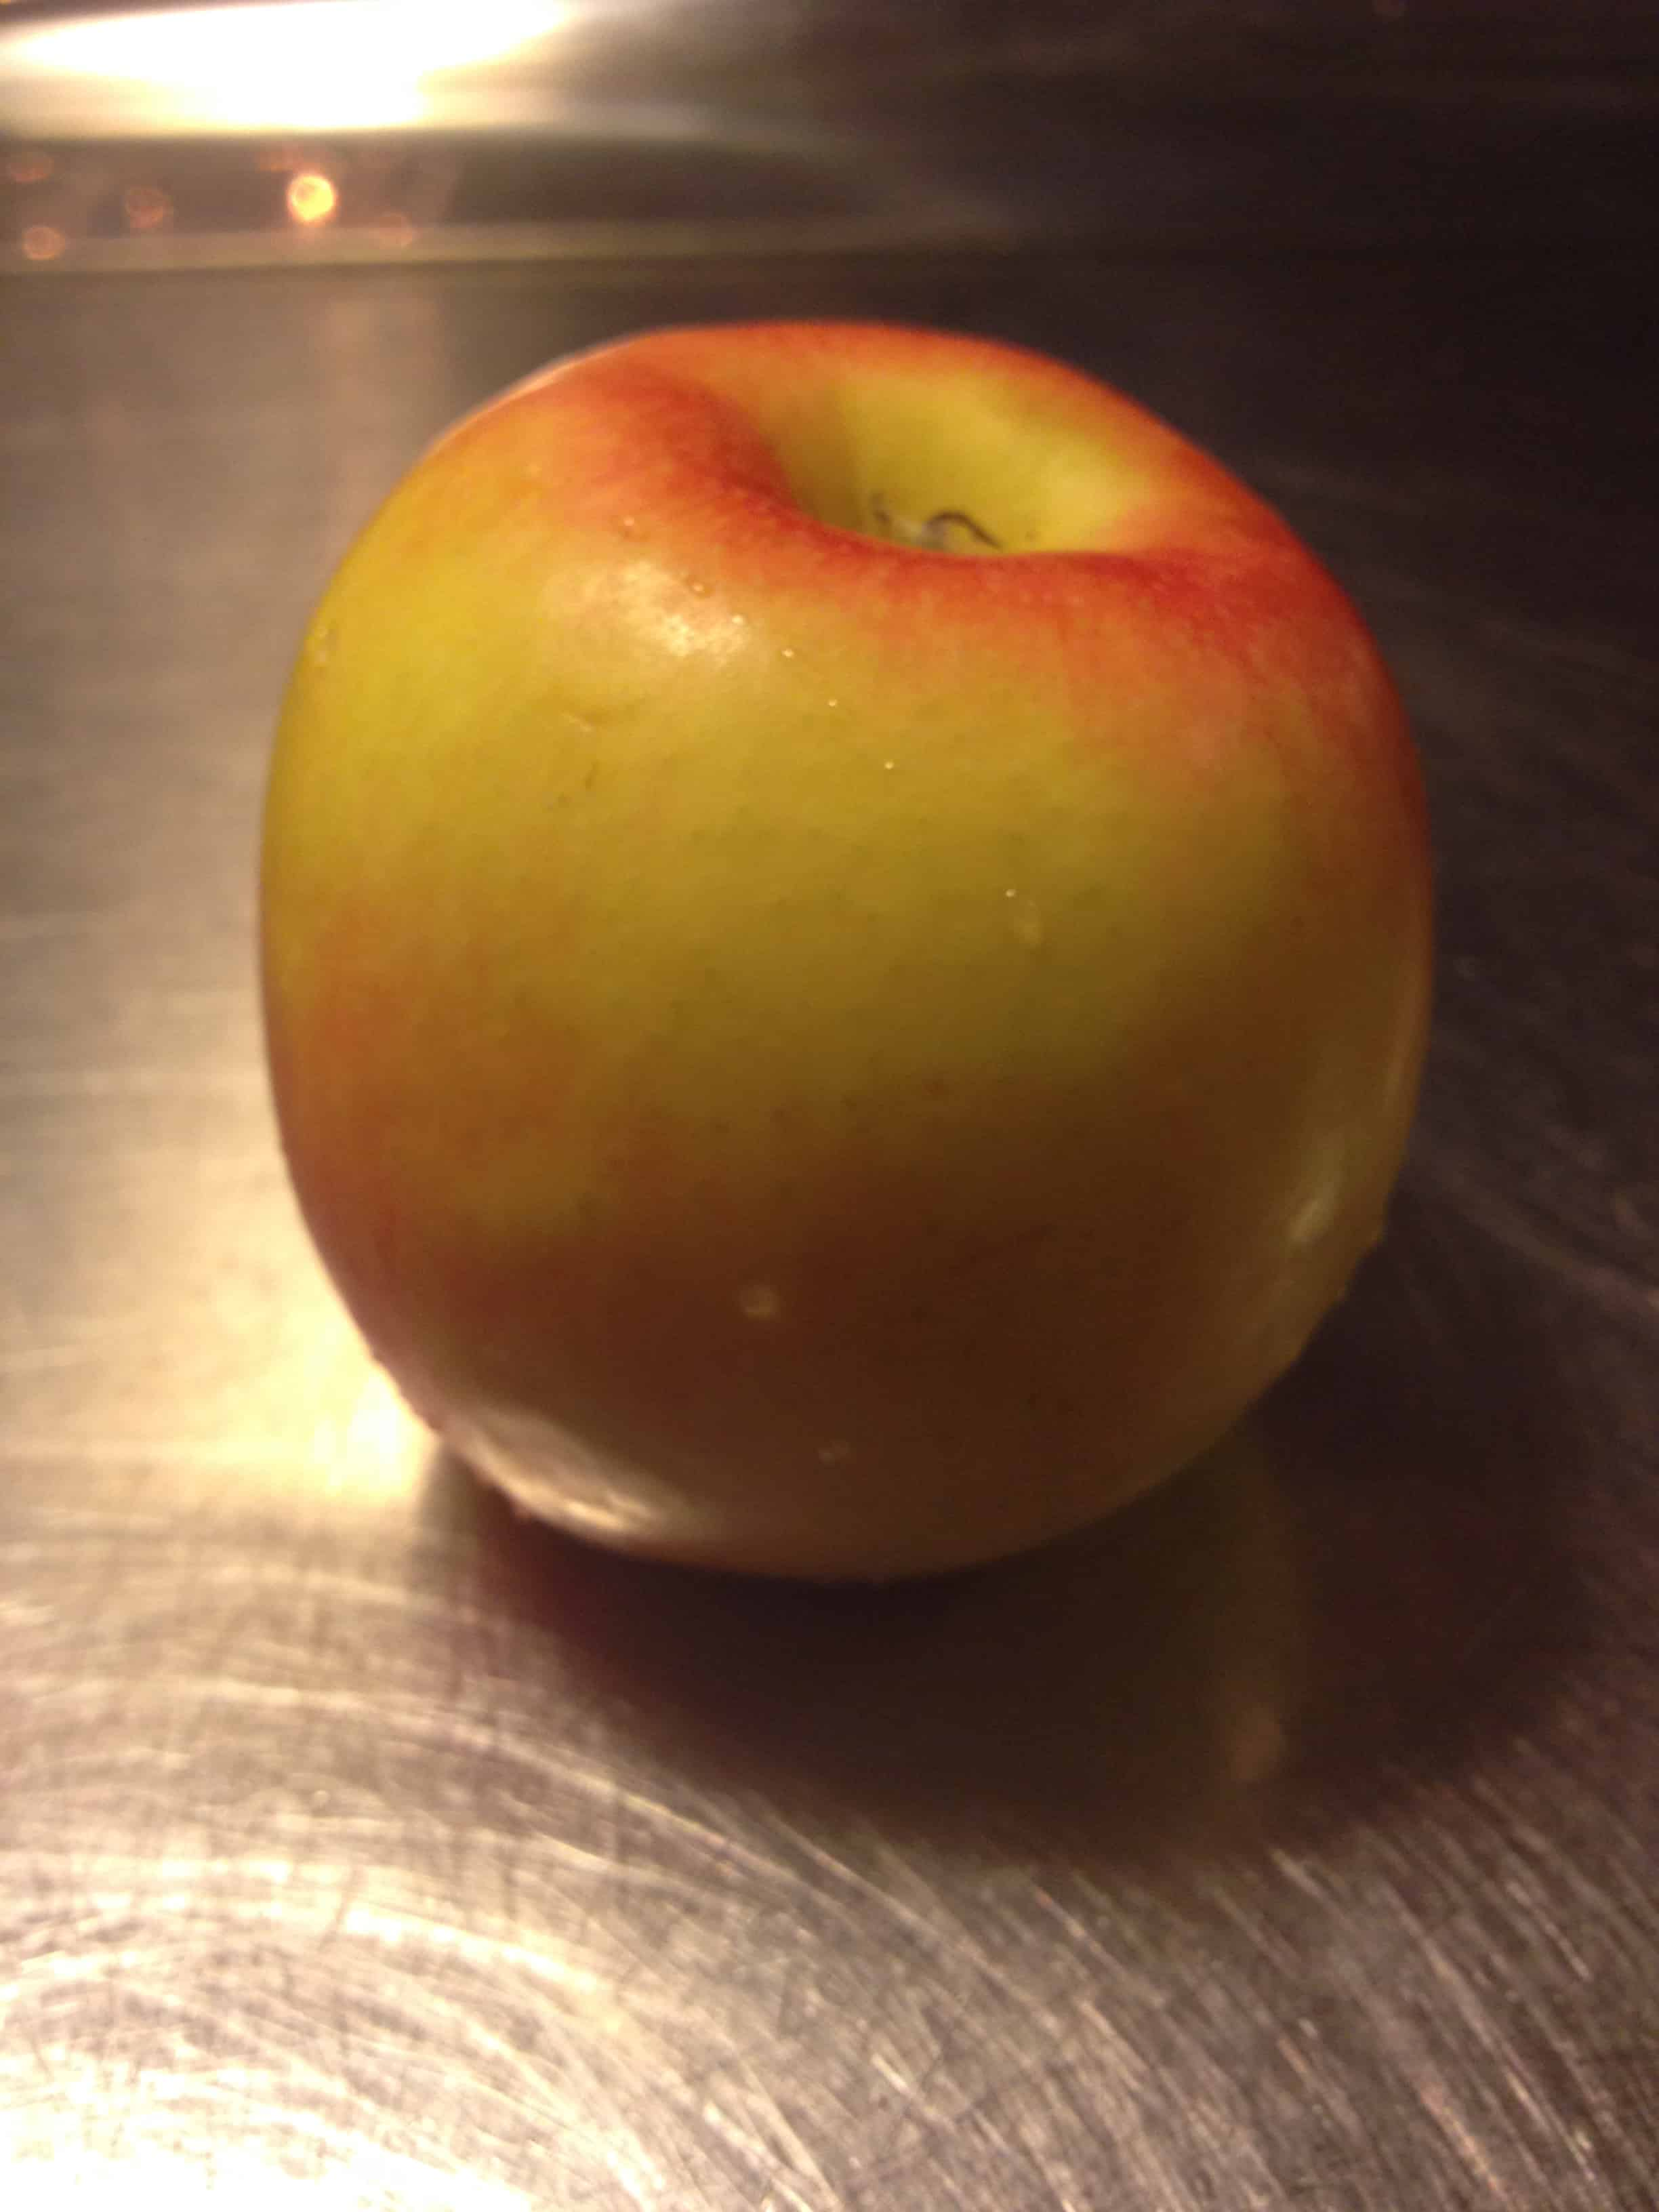 røde gode æbler